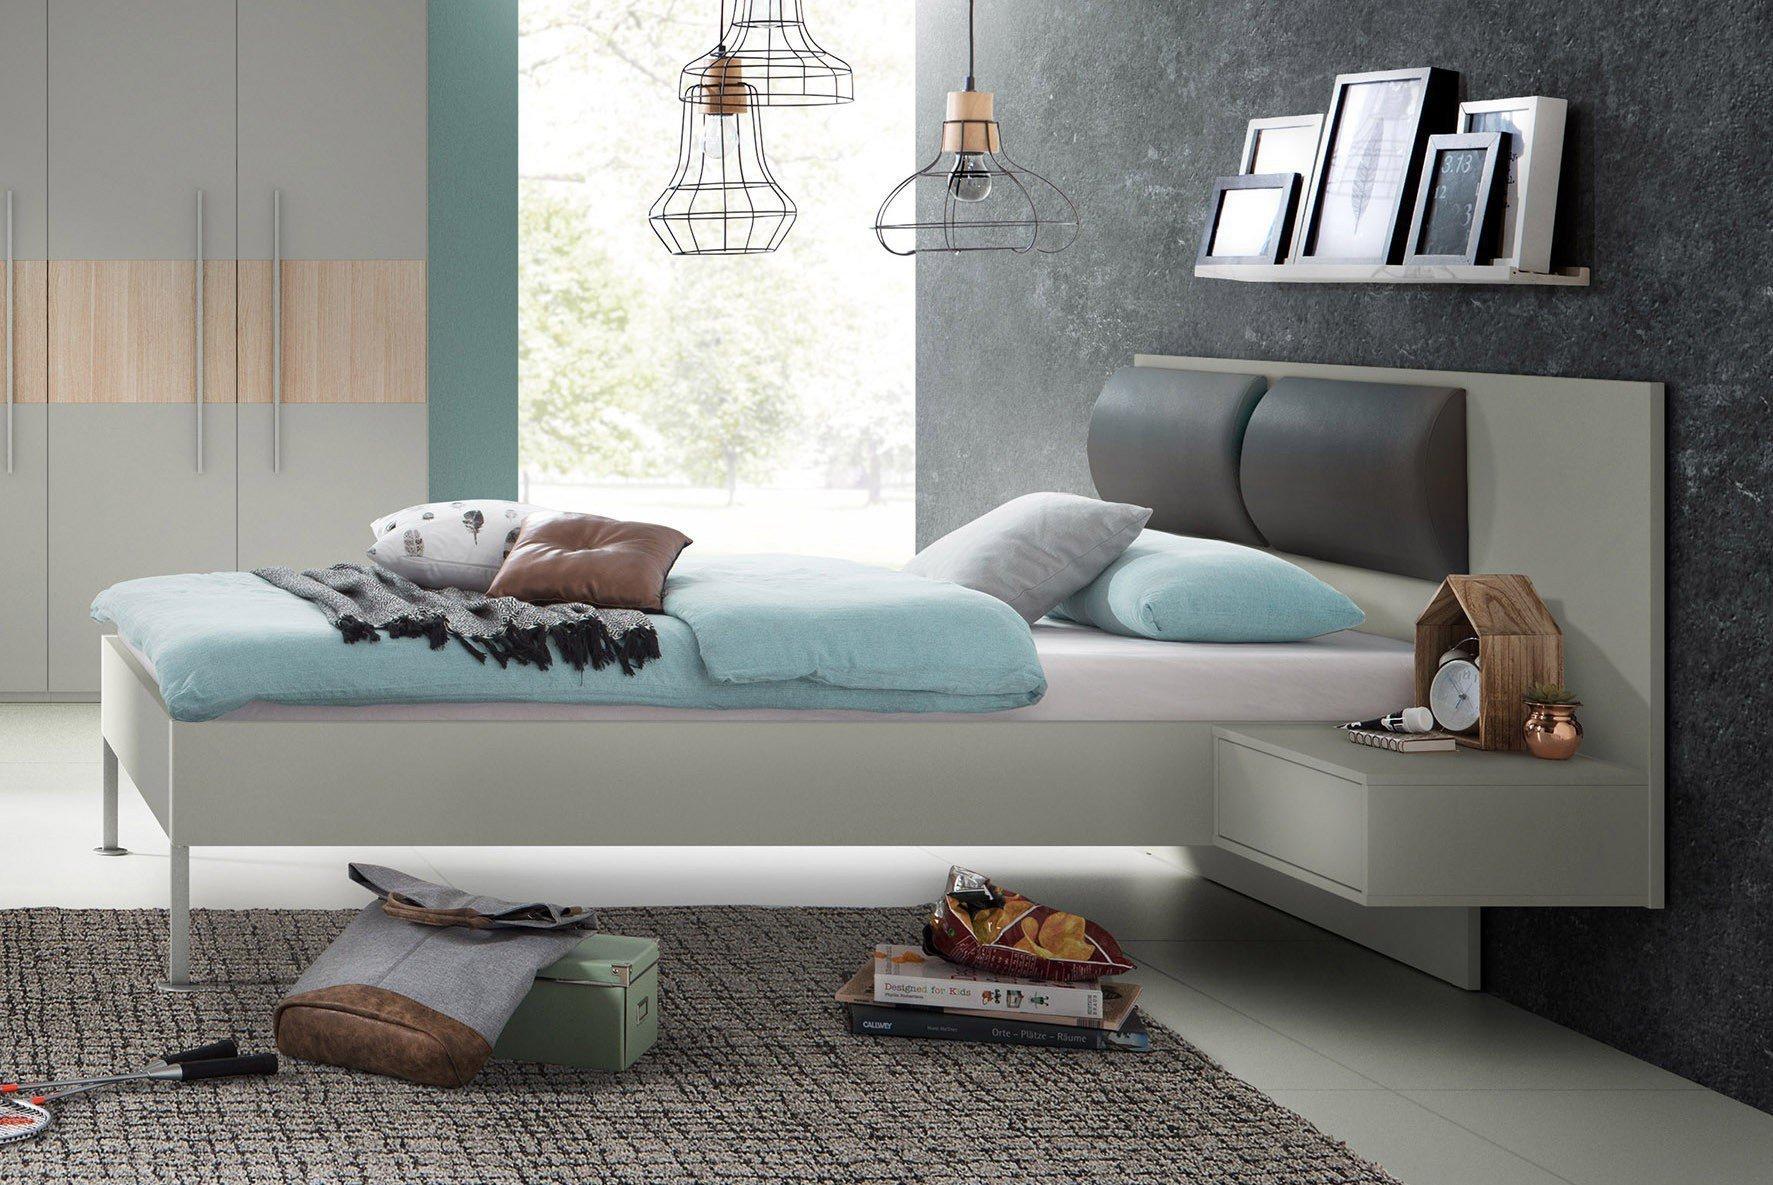 add.on Jugendbett grau von Röhr-Bush | Möbel Letz - Ihr Online-Shop